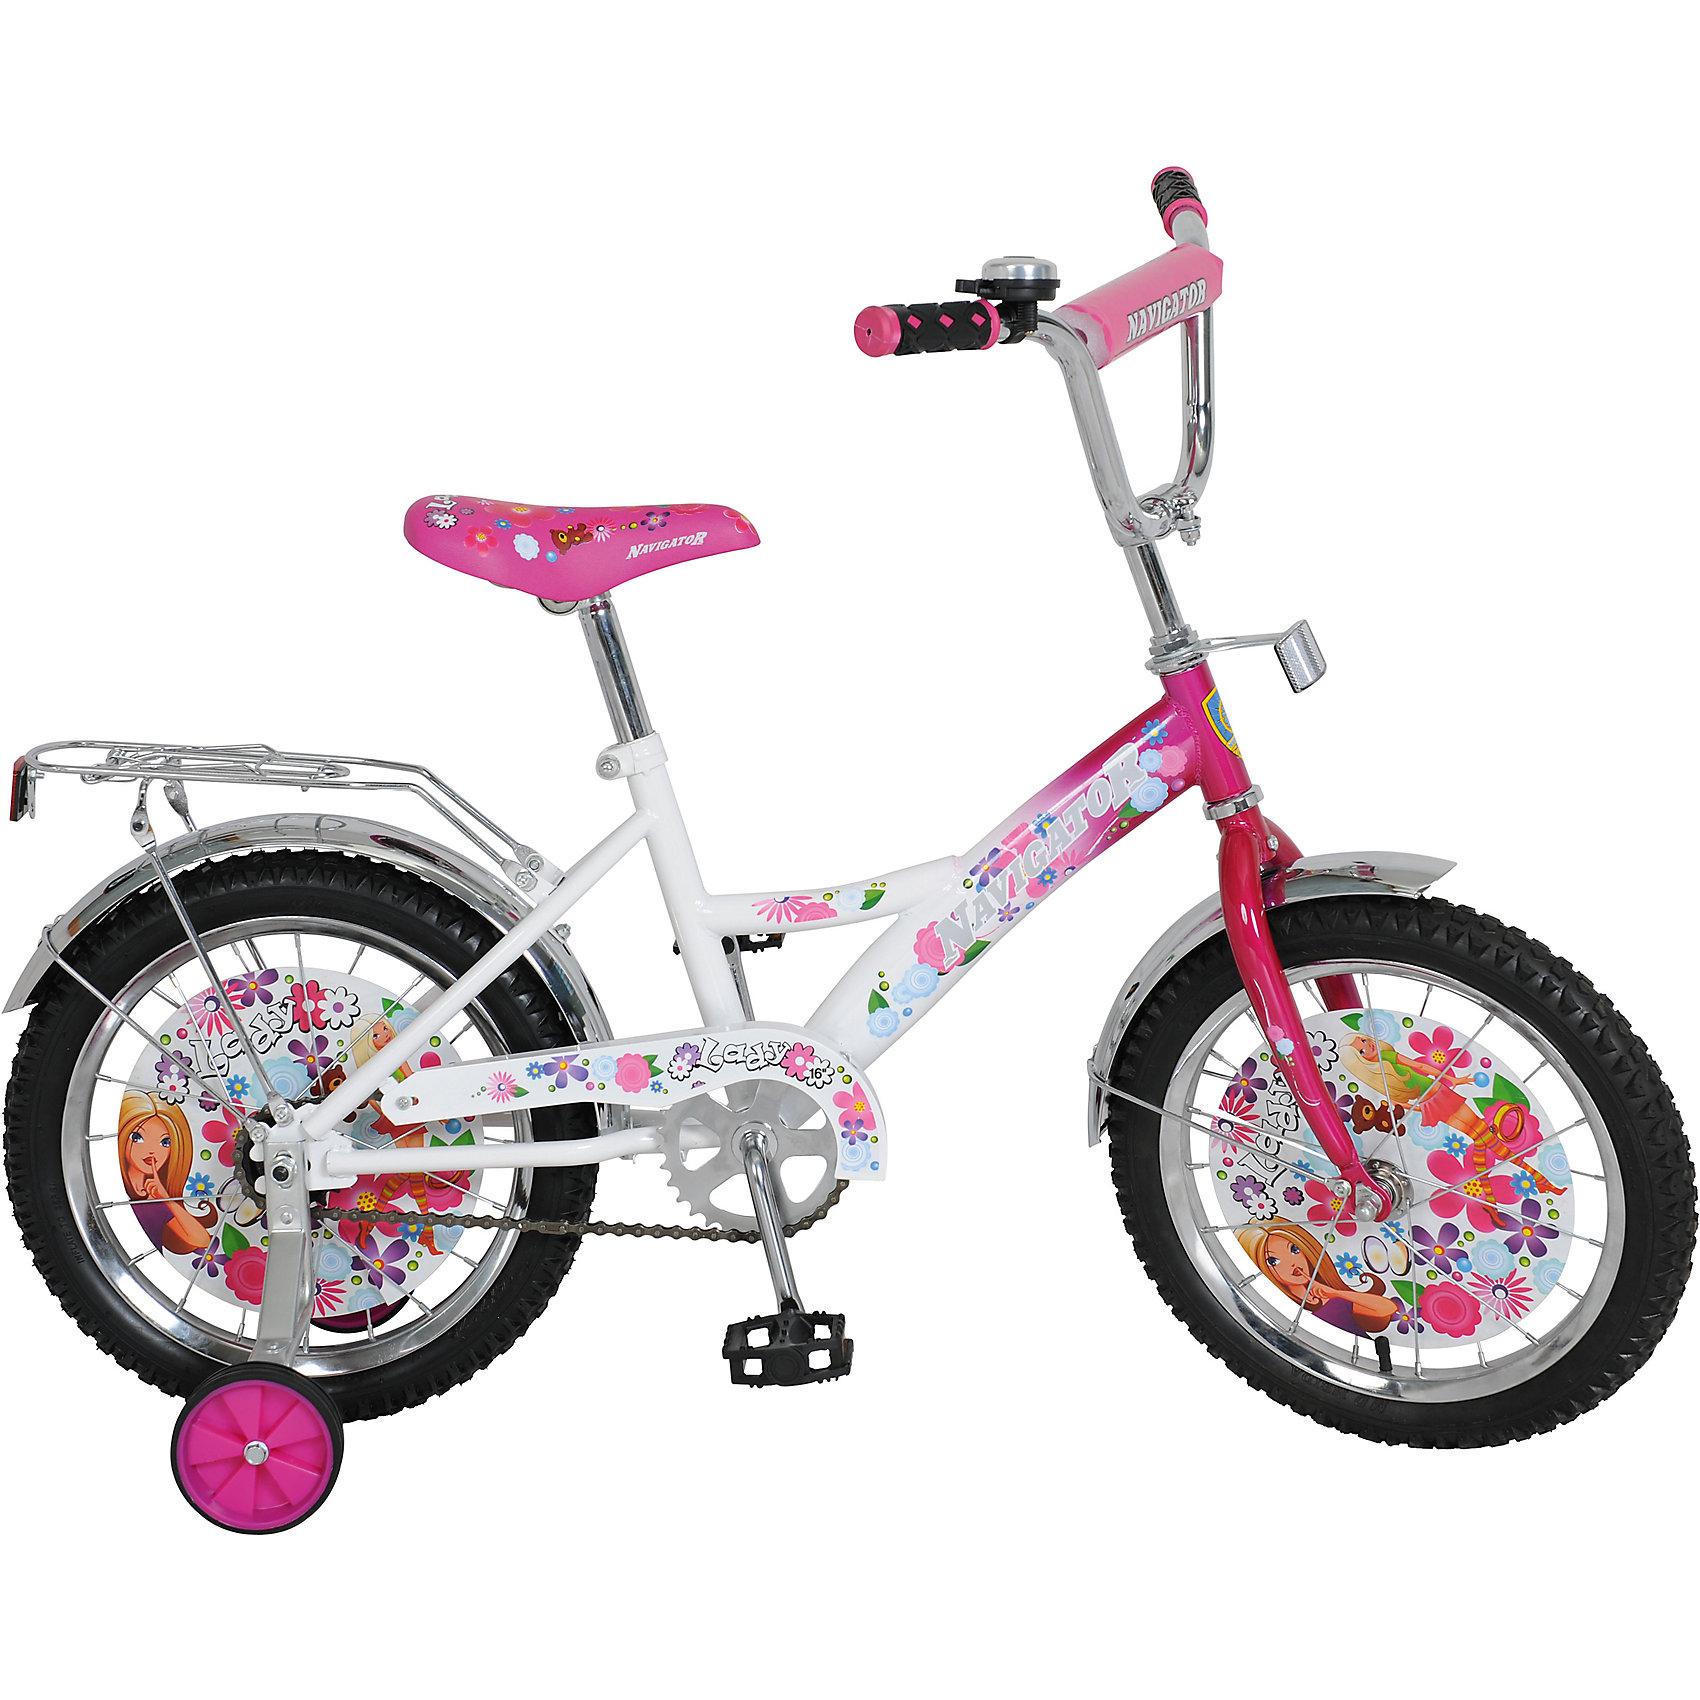 Велосипед Lady, бело-розовый, Navigator